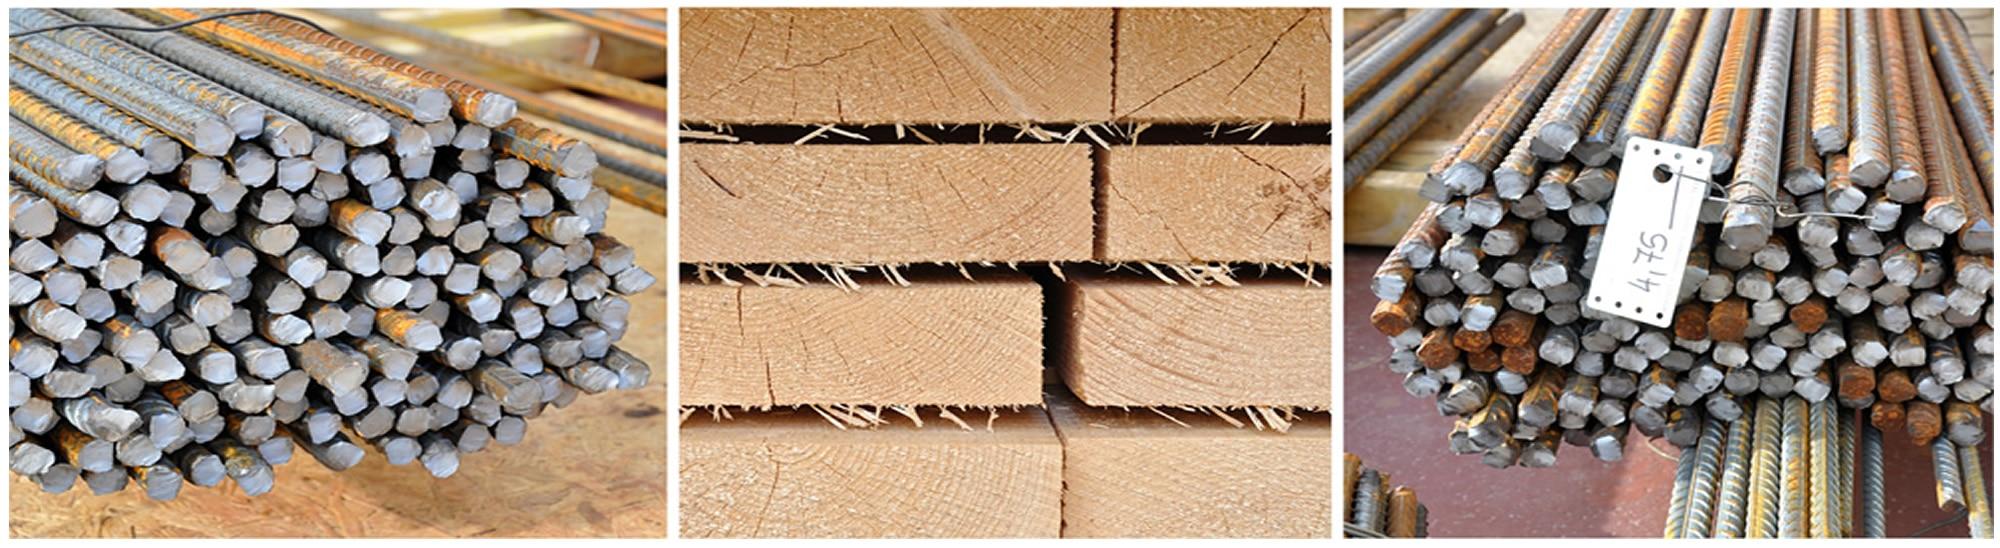 Holzschutzlasuren, Holzschutzcreme, Deckfarben, Bautenschutz